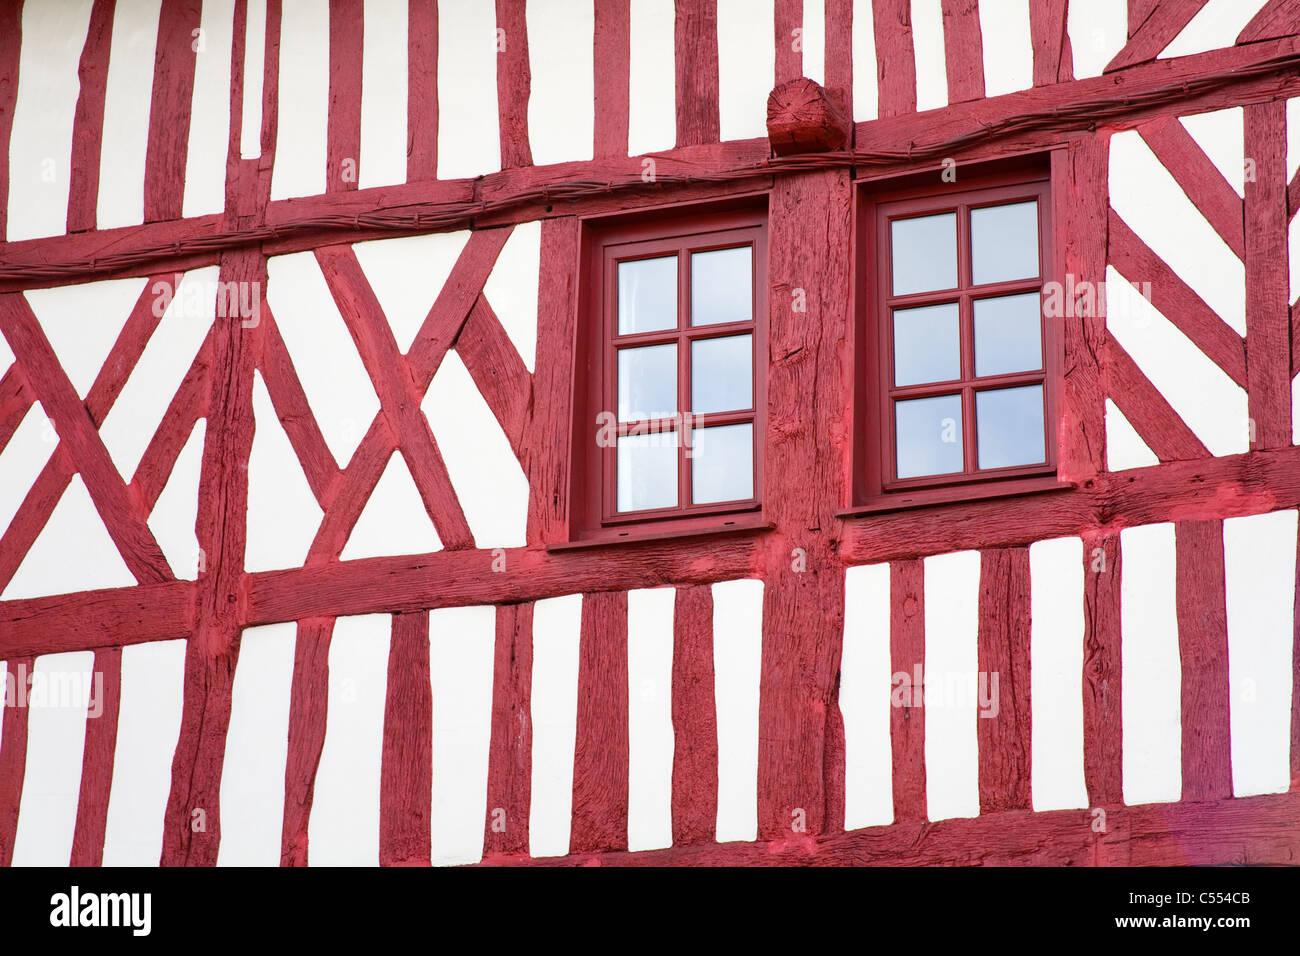 Tudor Design Stock Photos & Tudor Design Stock Images - Alamy